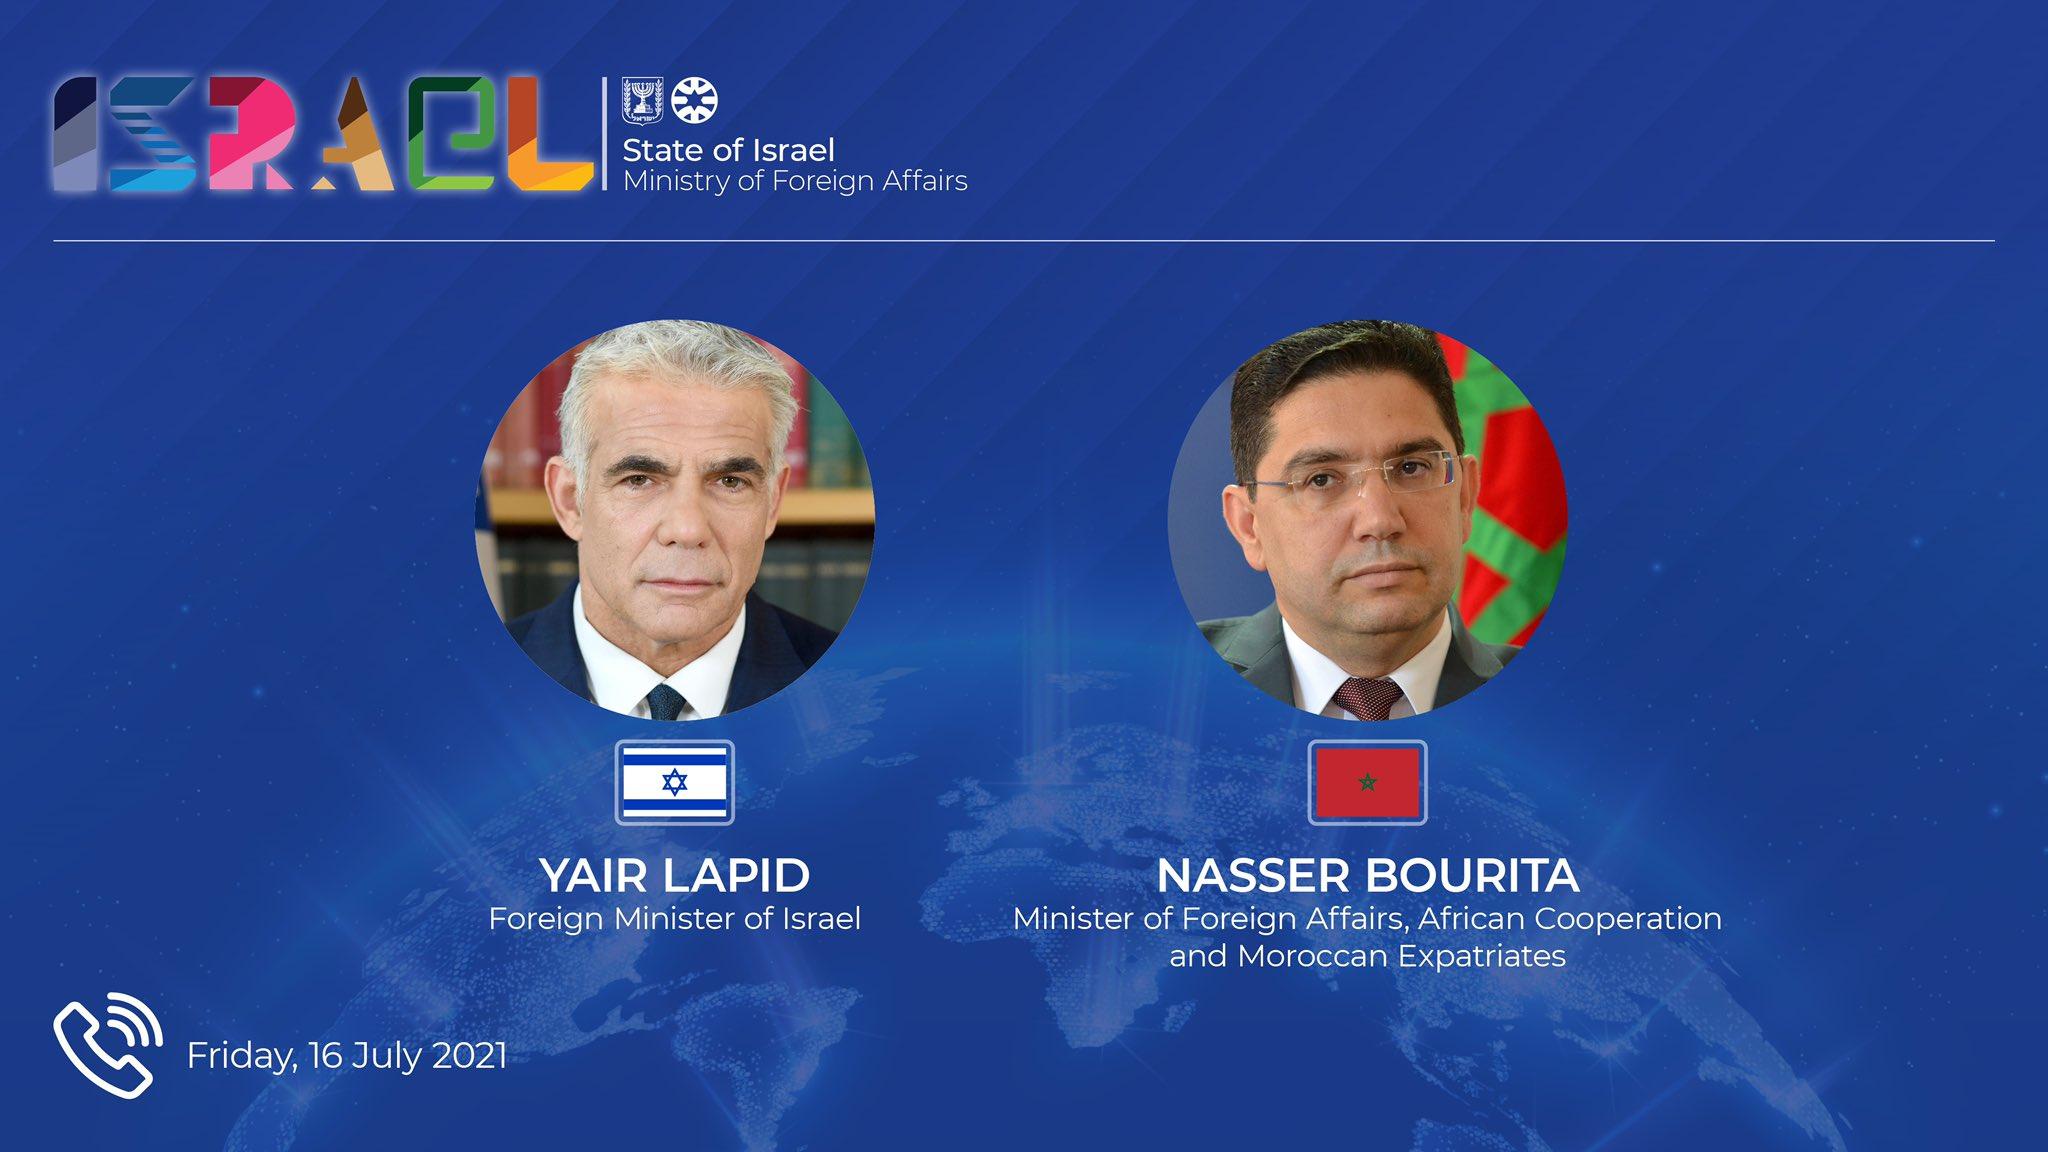 Le ministre des Affaires étrangères israélien confirme sa visite « historique » au Maroc